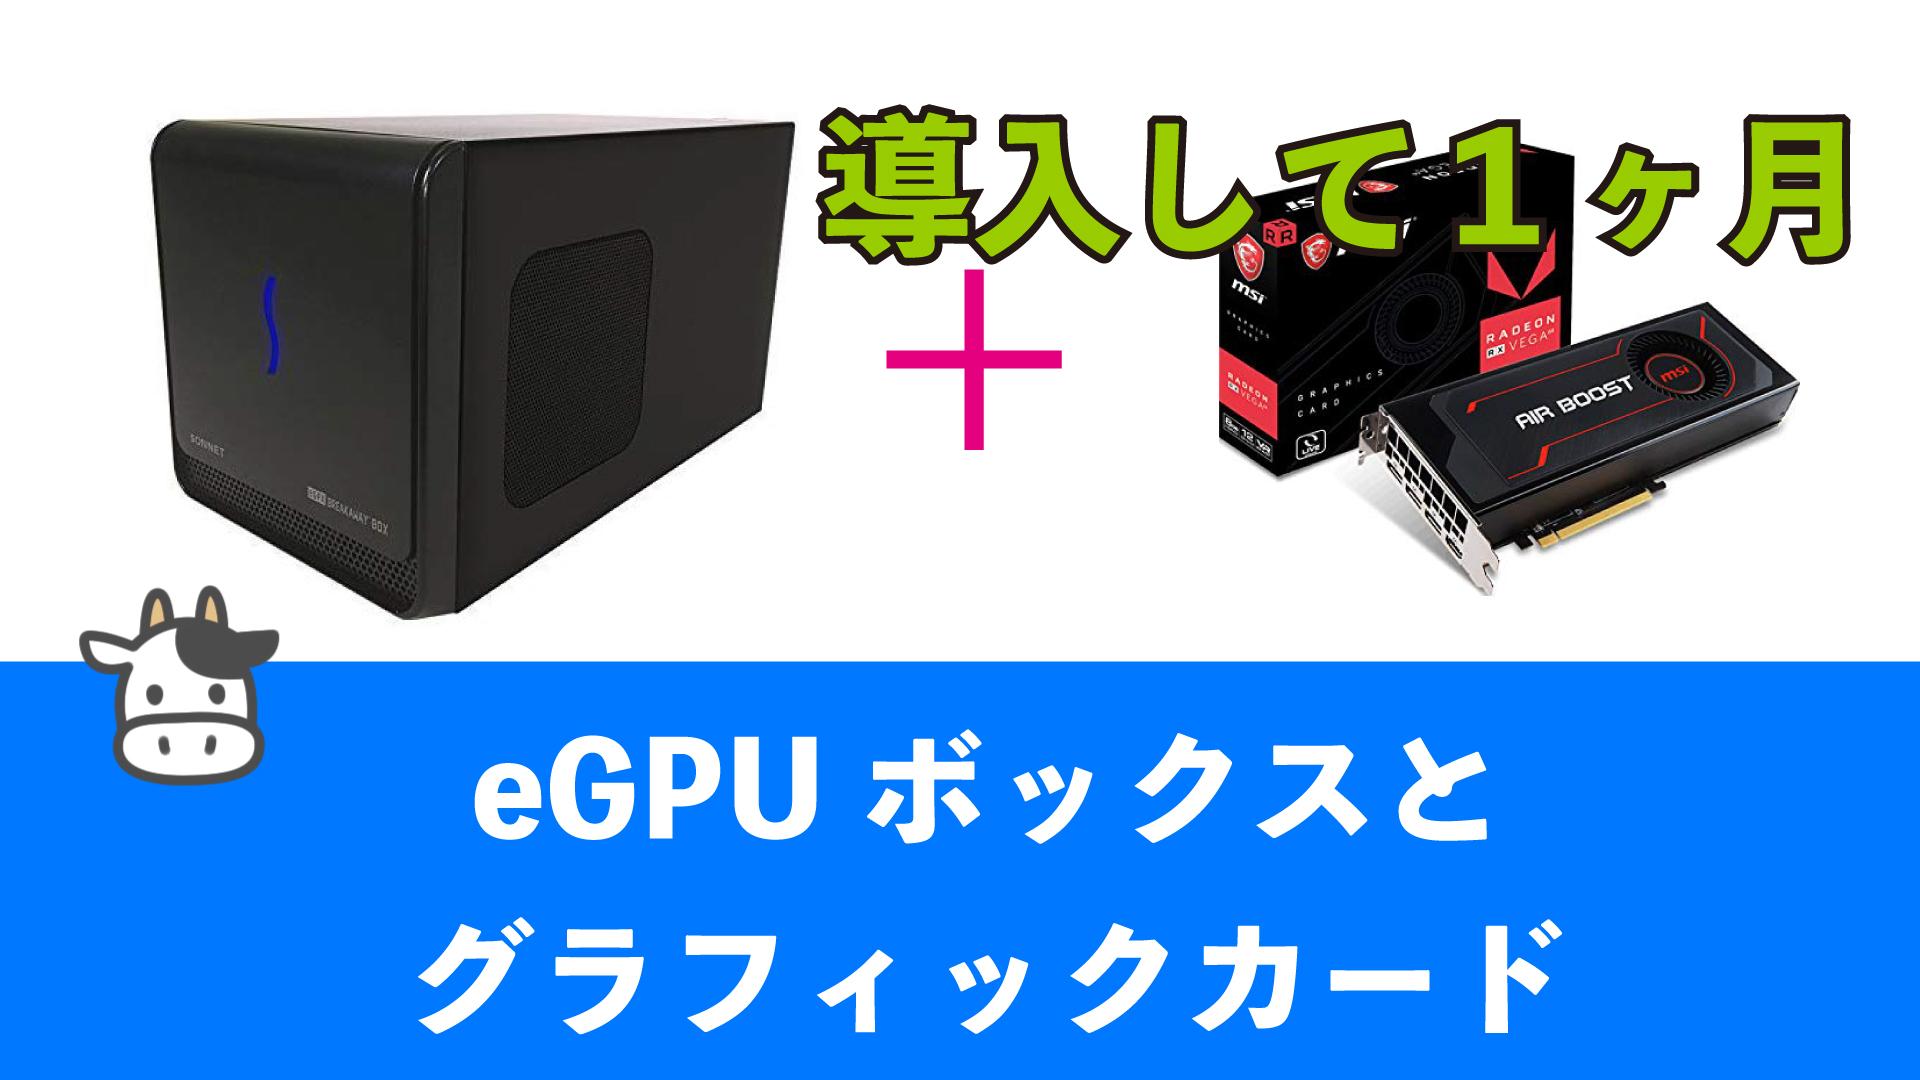 外付けeGPU & Radeon vega 64xを買ってみた【グラフィックボード】